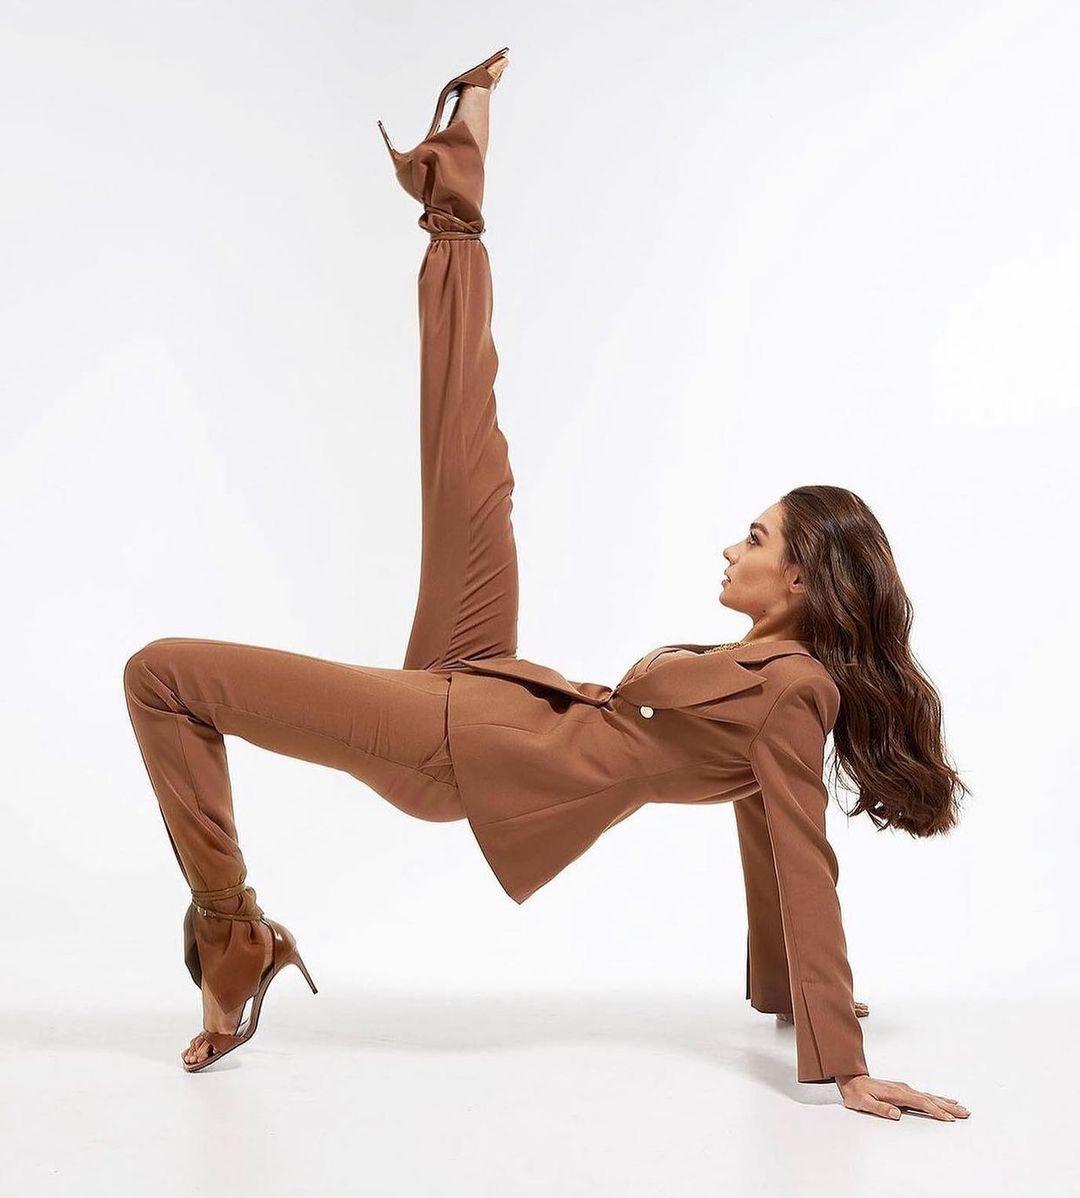 модный женский брючный костюм украинский бренд осень 2021 бежевый коричневый